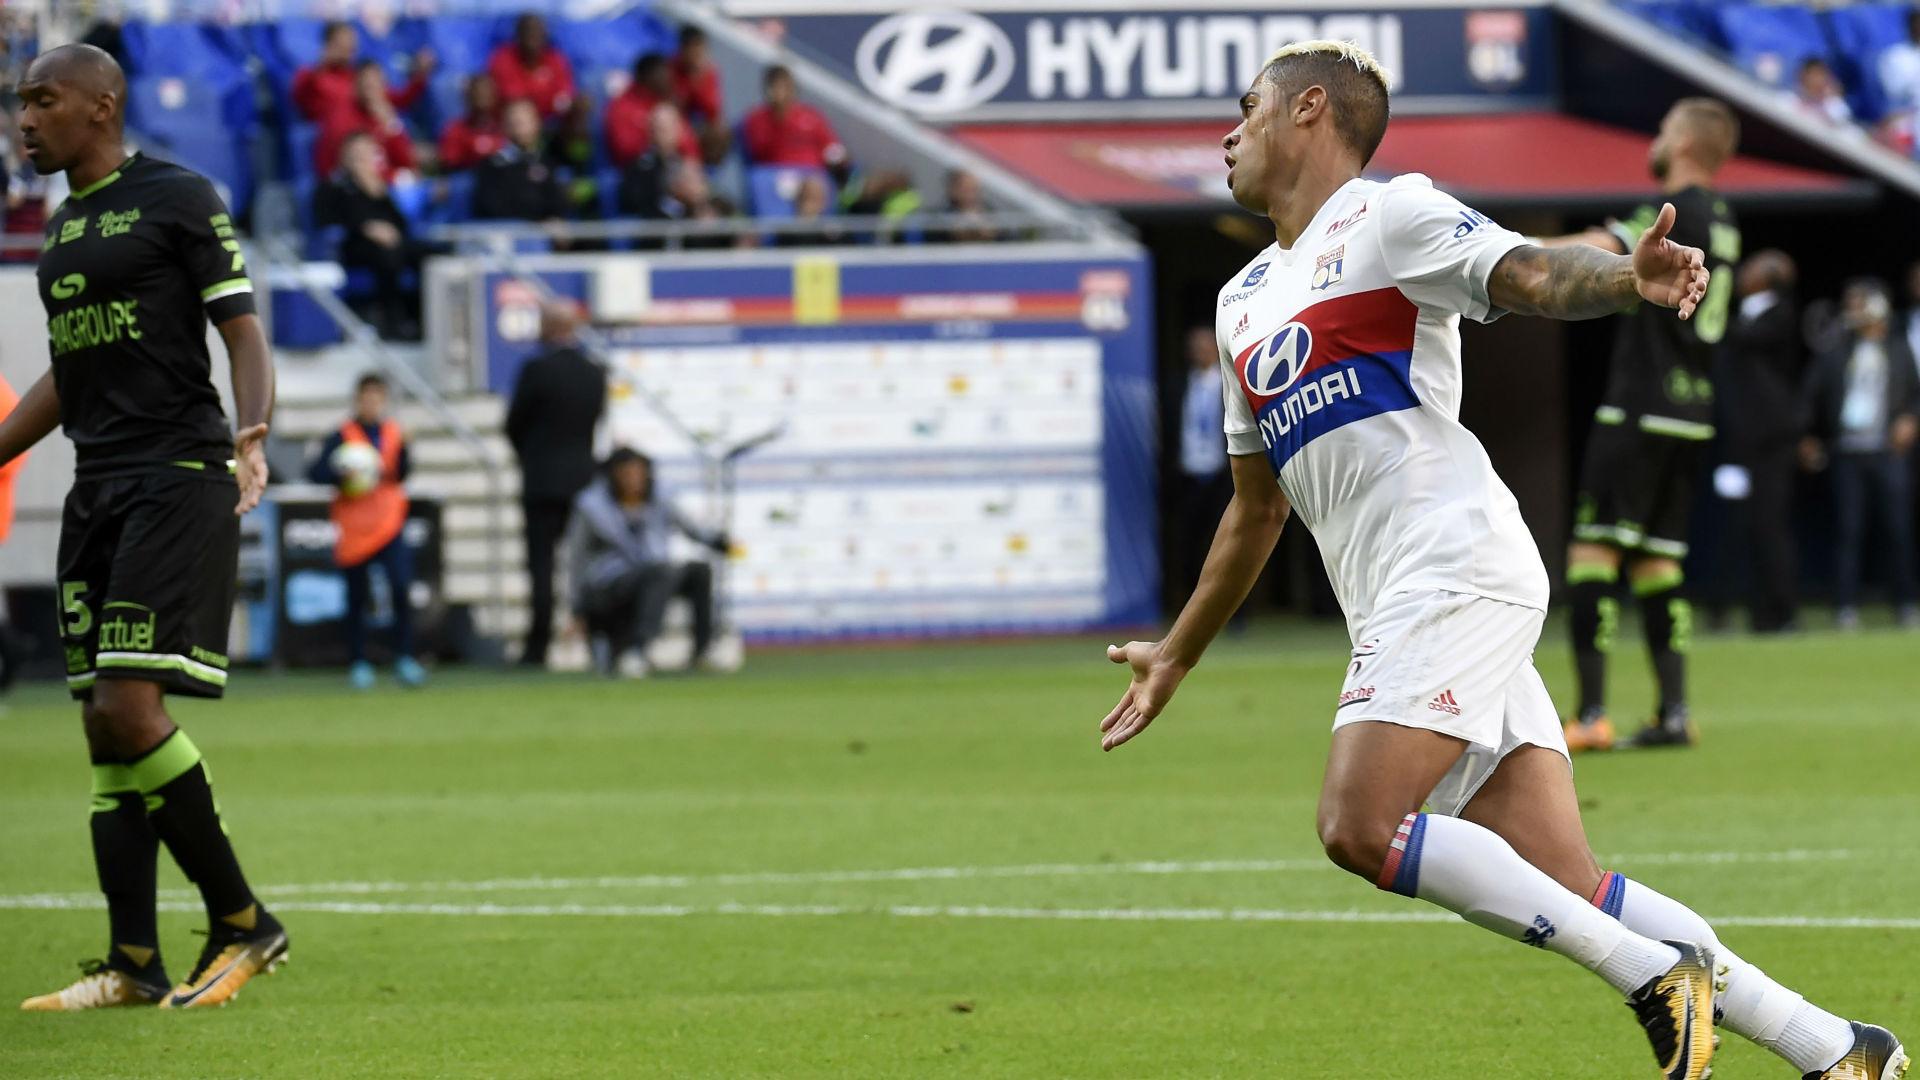 Mariano Diaz Lyon Guingamp Ligue 1 10092017